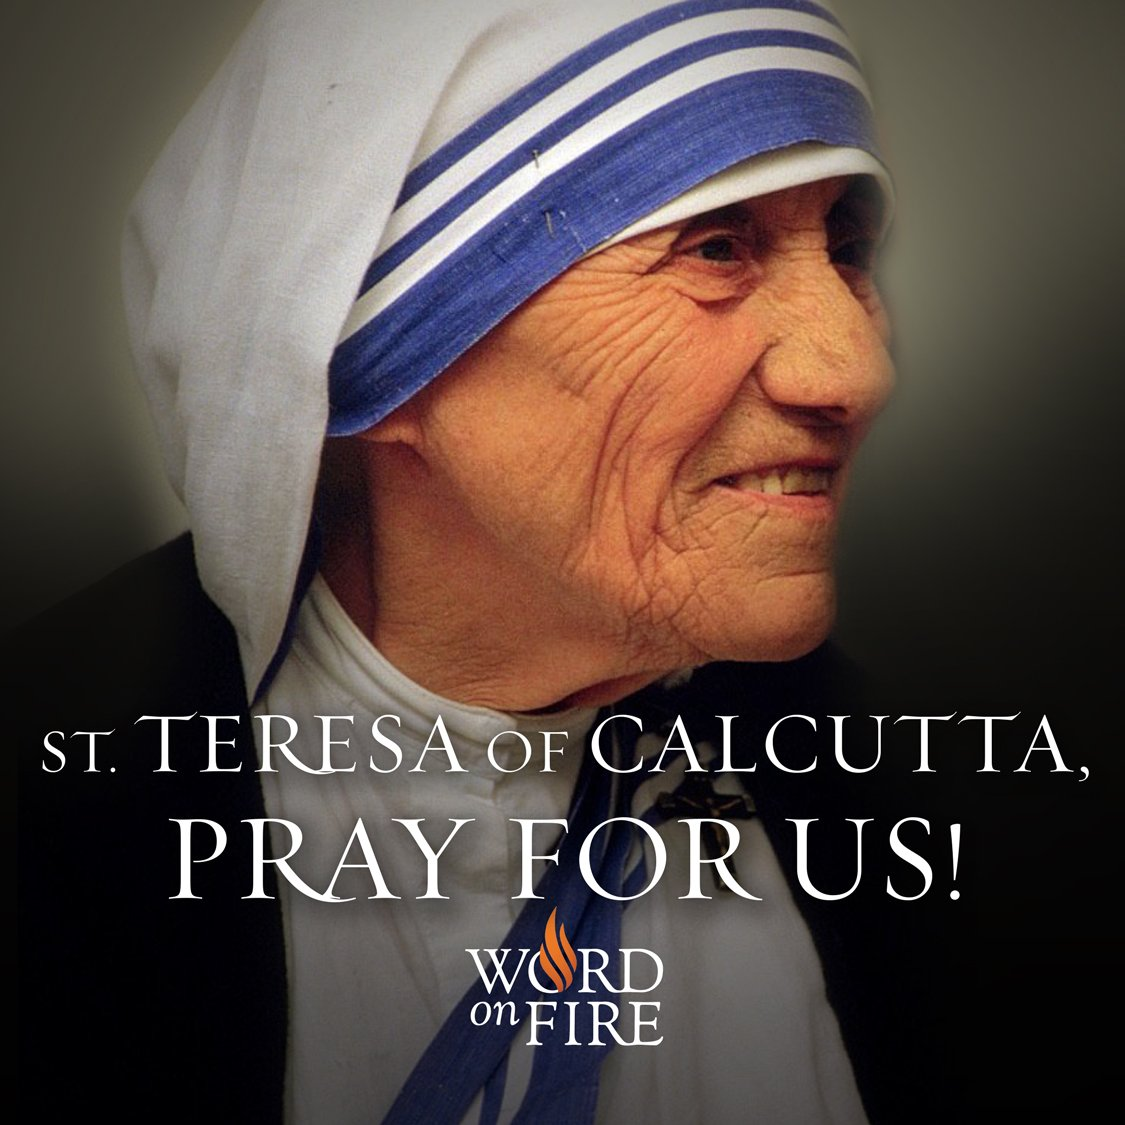 St. Teresa of Calcutta, pray for us! https://t.co/tDXHxA7wWI